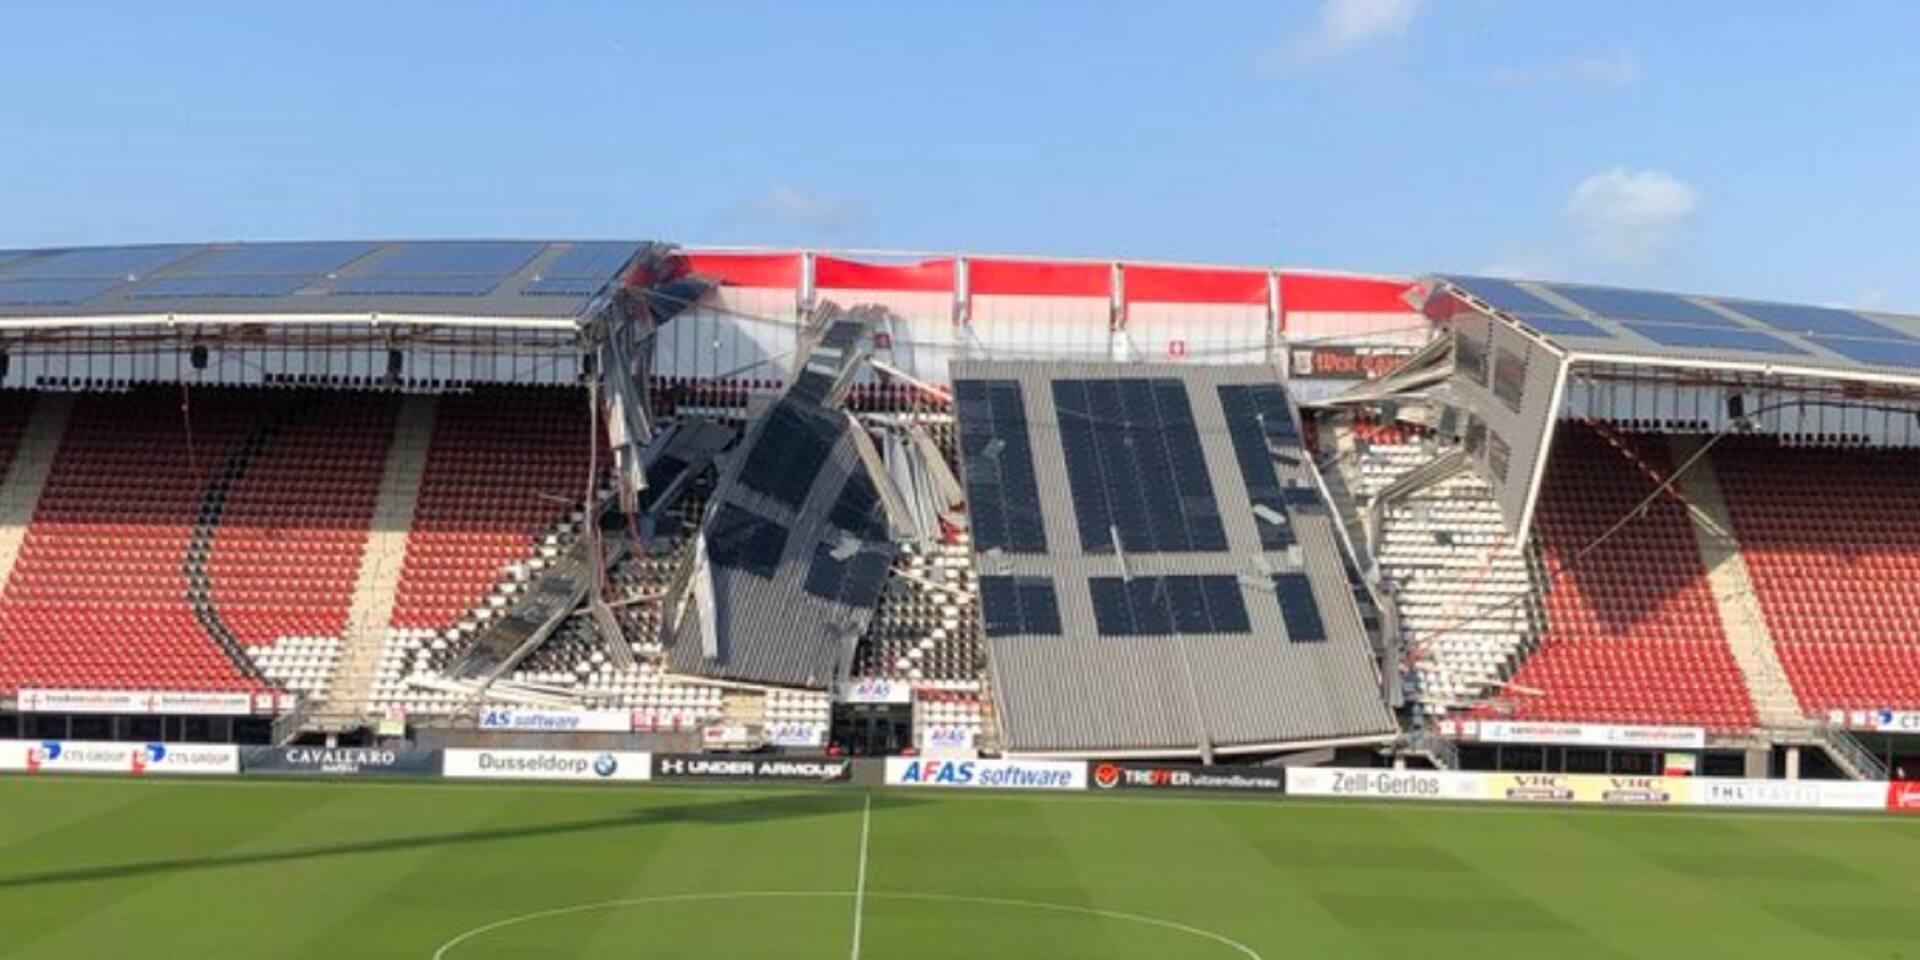 Une partie du toit du stade de l'AZ Alkmaar s'effondre (PHOTO)